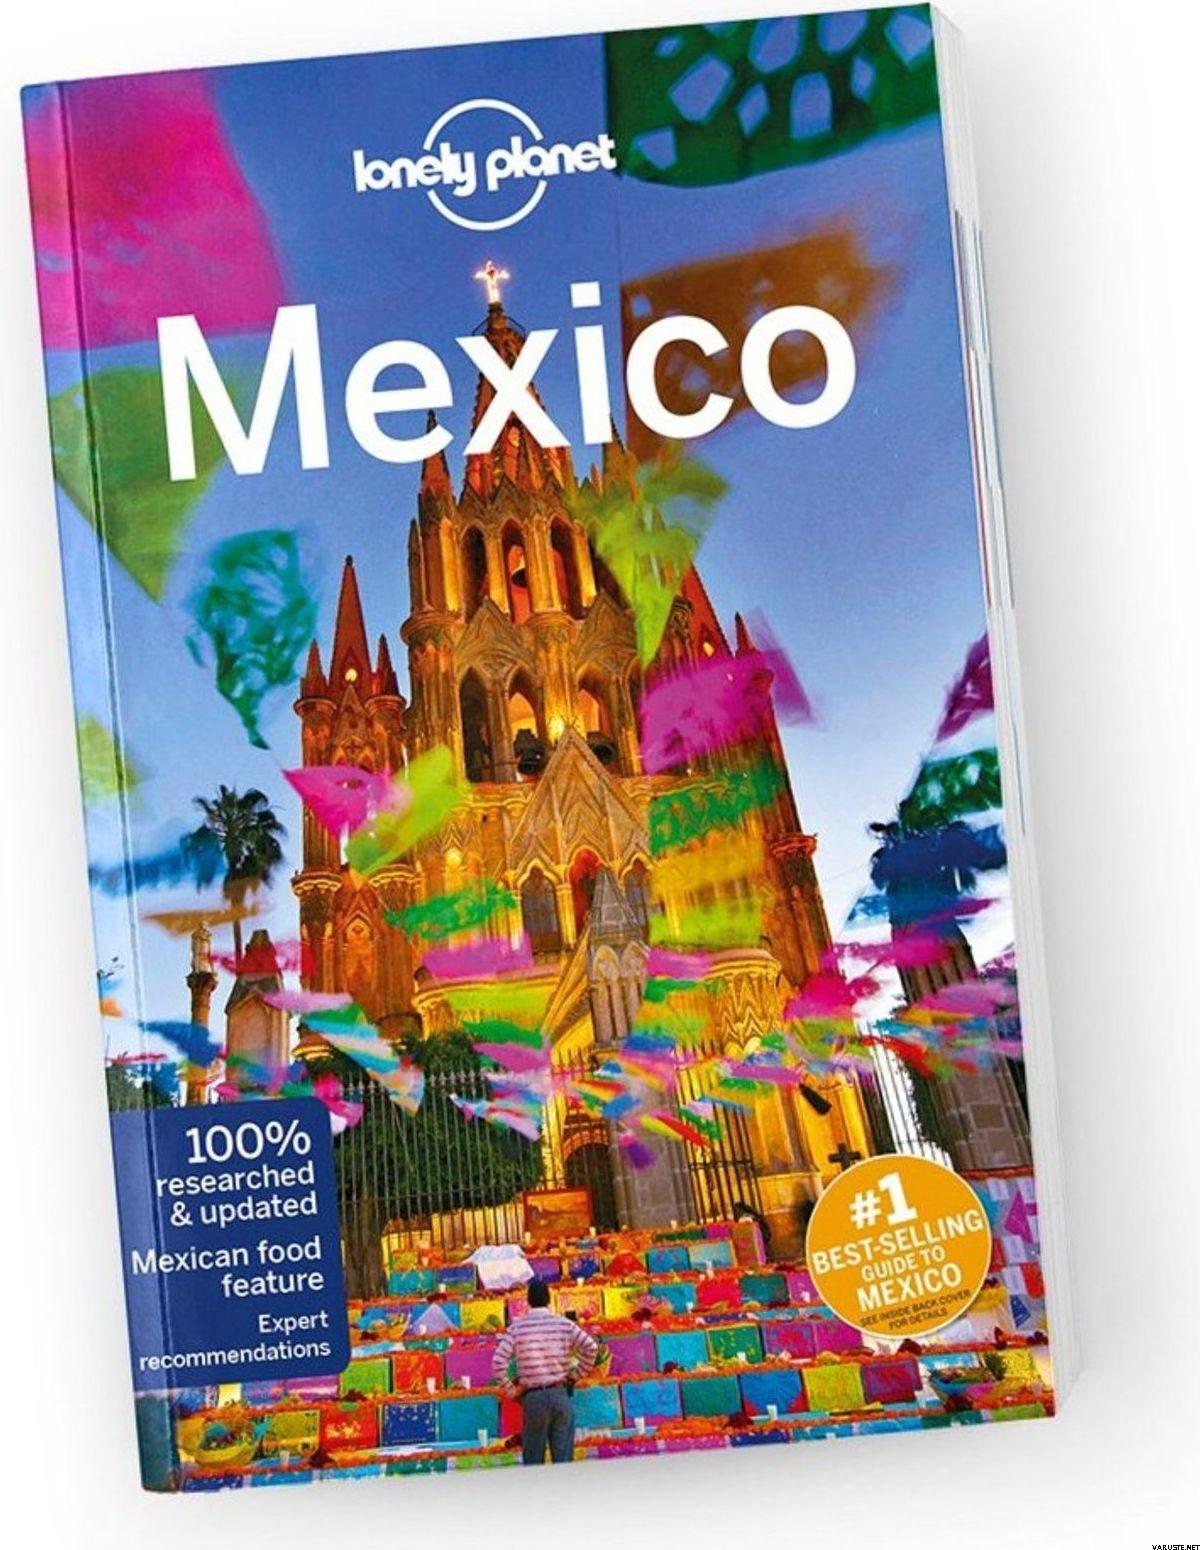 Mexico dating på nettet